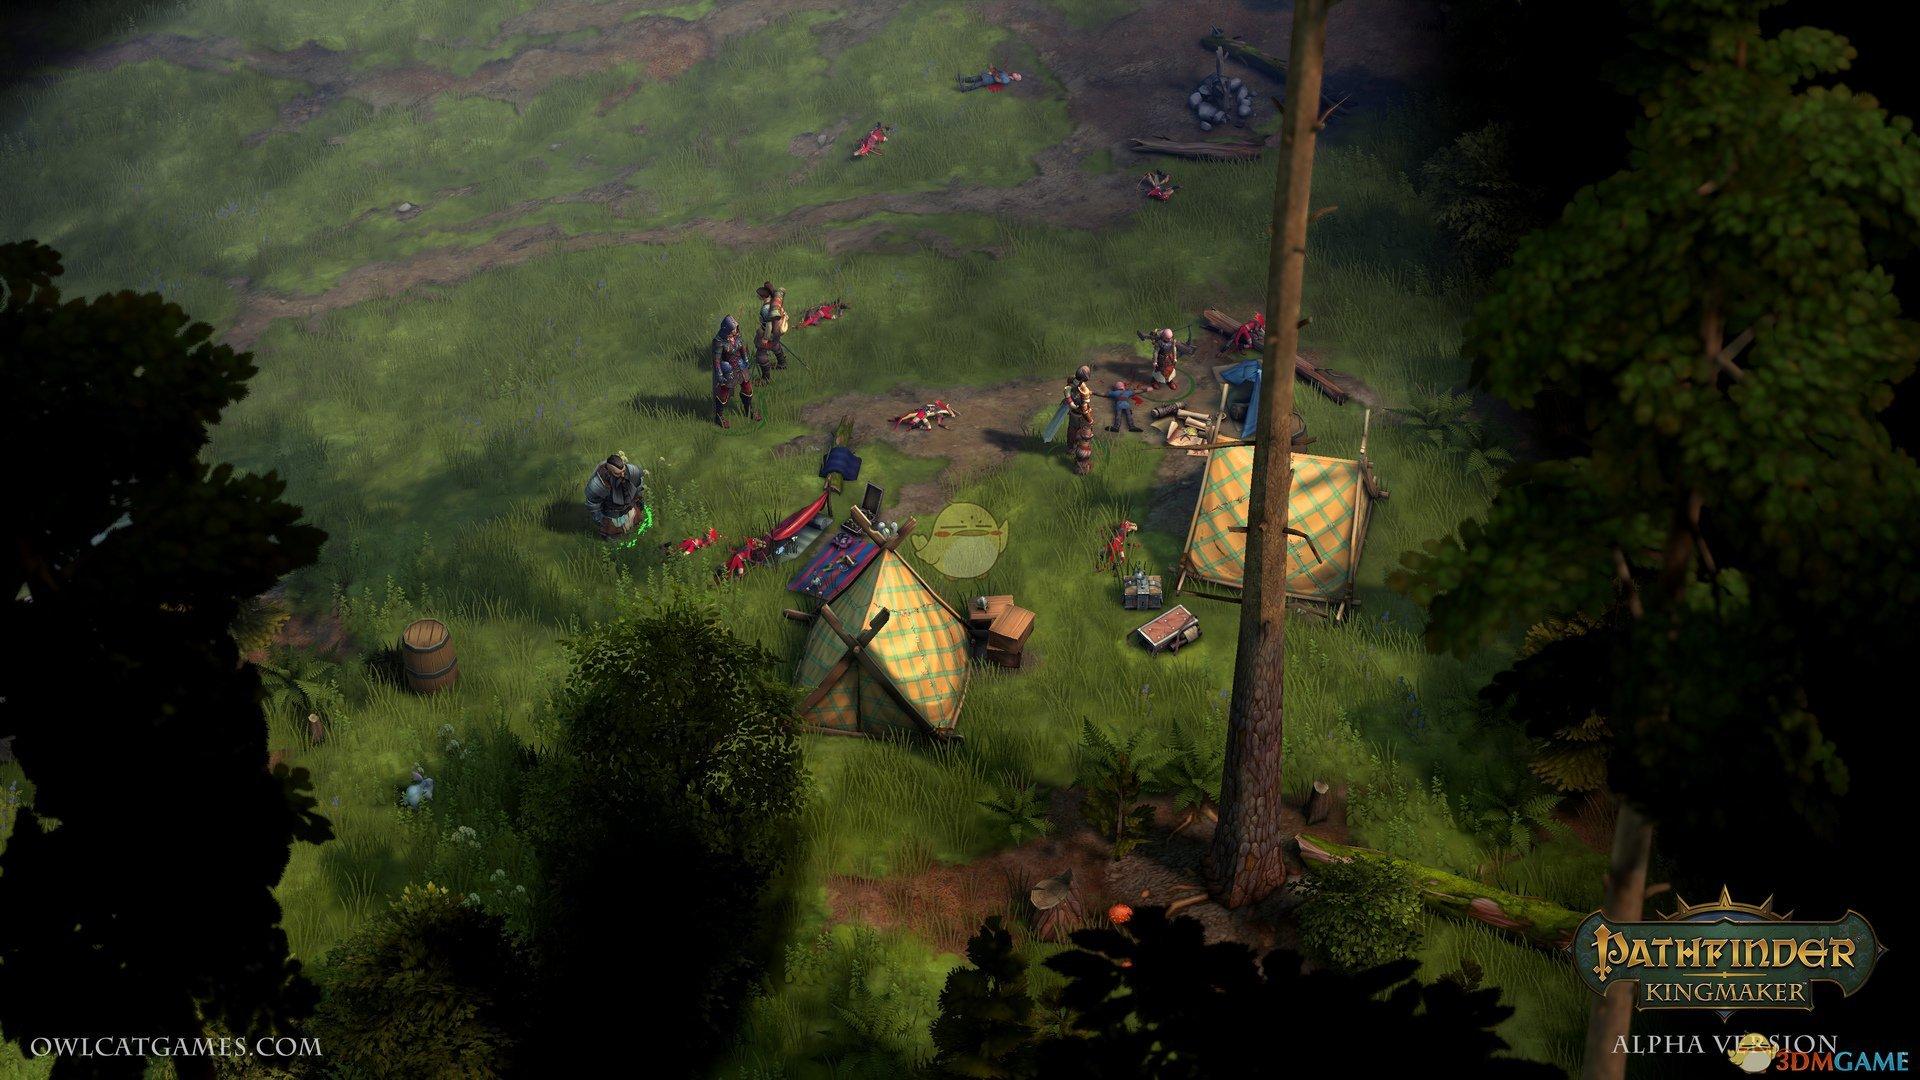 《开拓者:拥王者》同伴背景、职业详细介绍